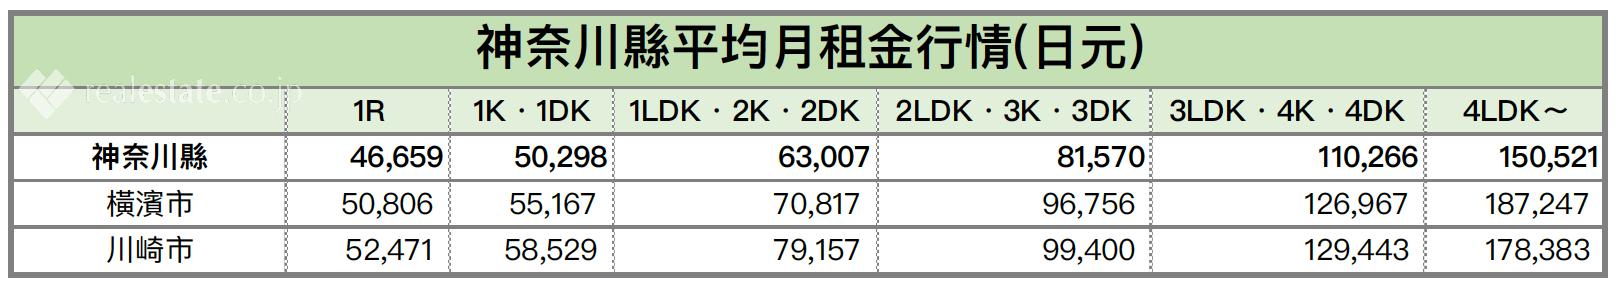 神奈川縣平均月租金行情-房間格局別